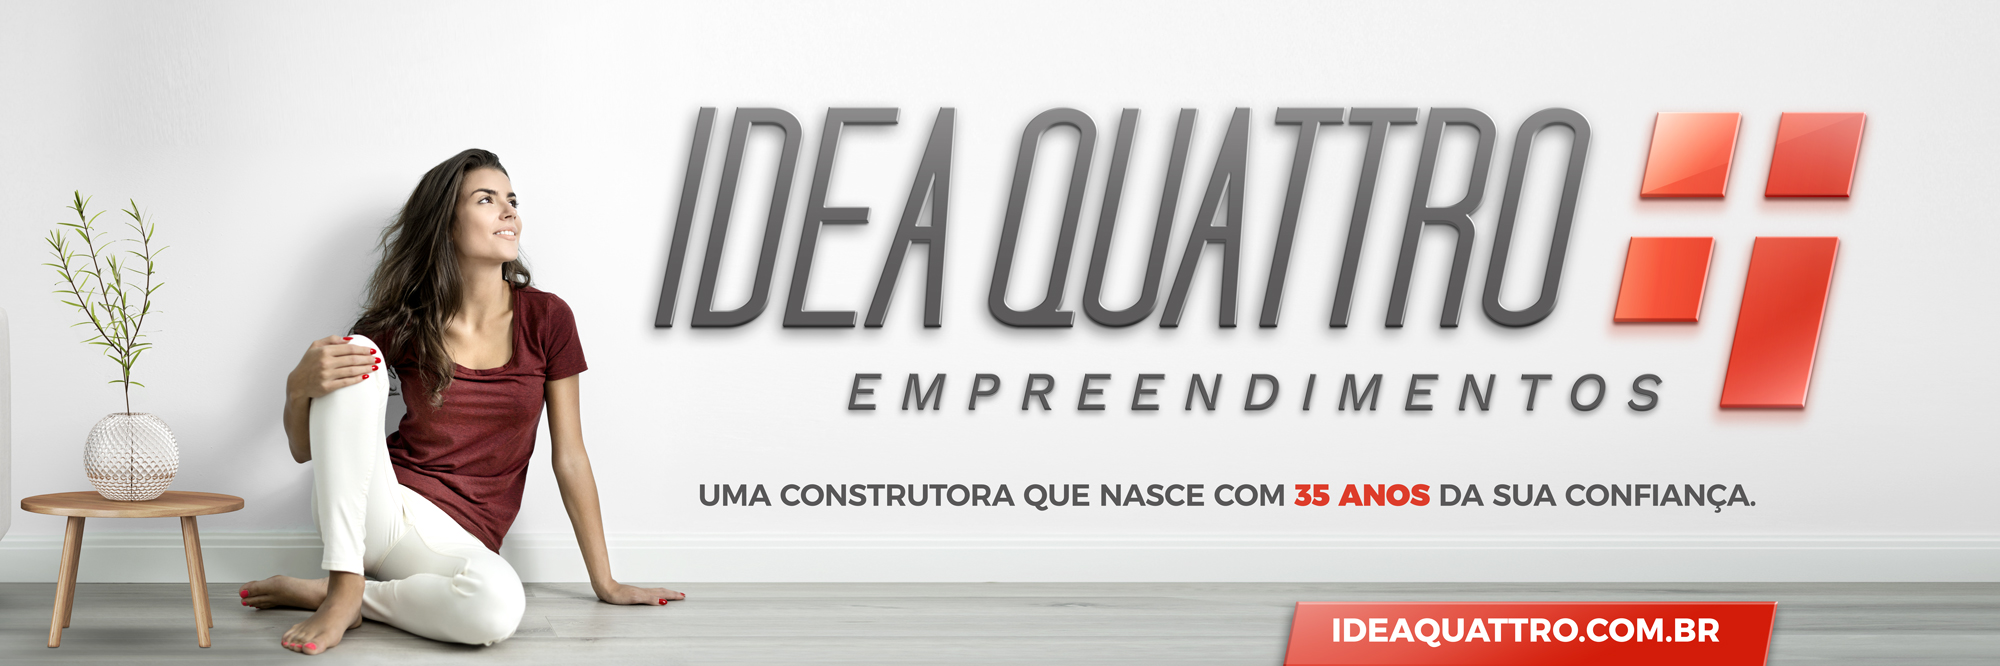 11457_ID4_Campanha-Institucional_Outdoor-9x3m_C.jpg